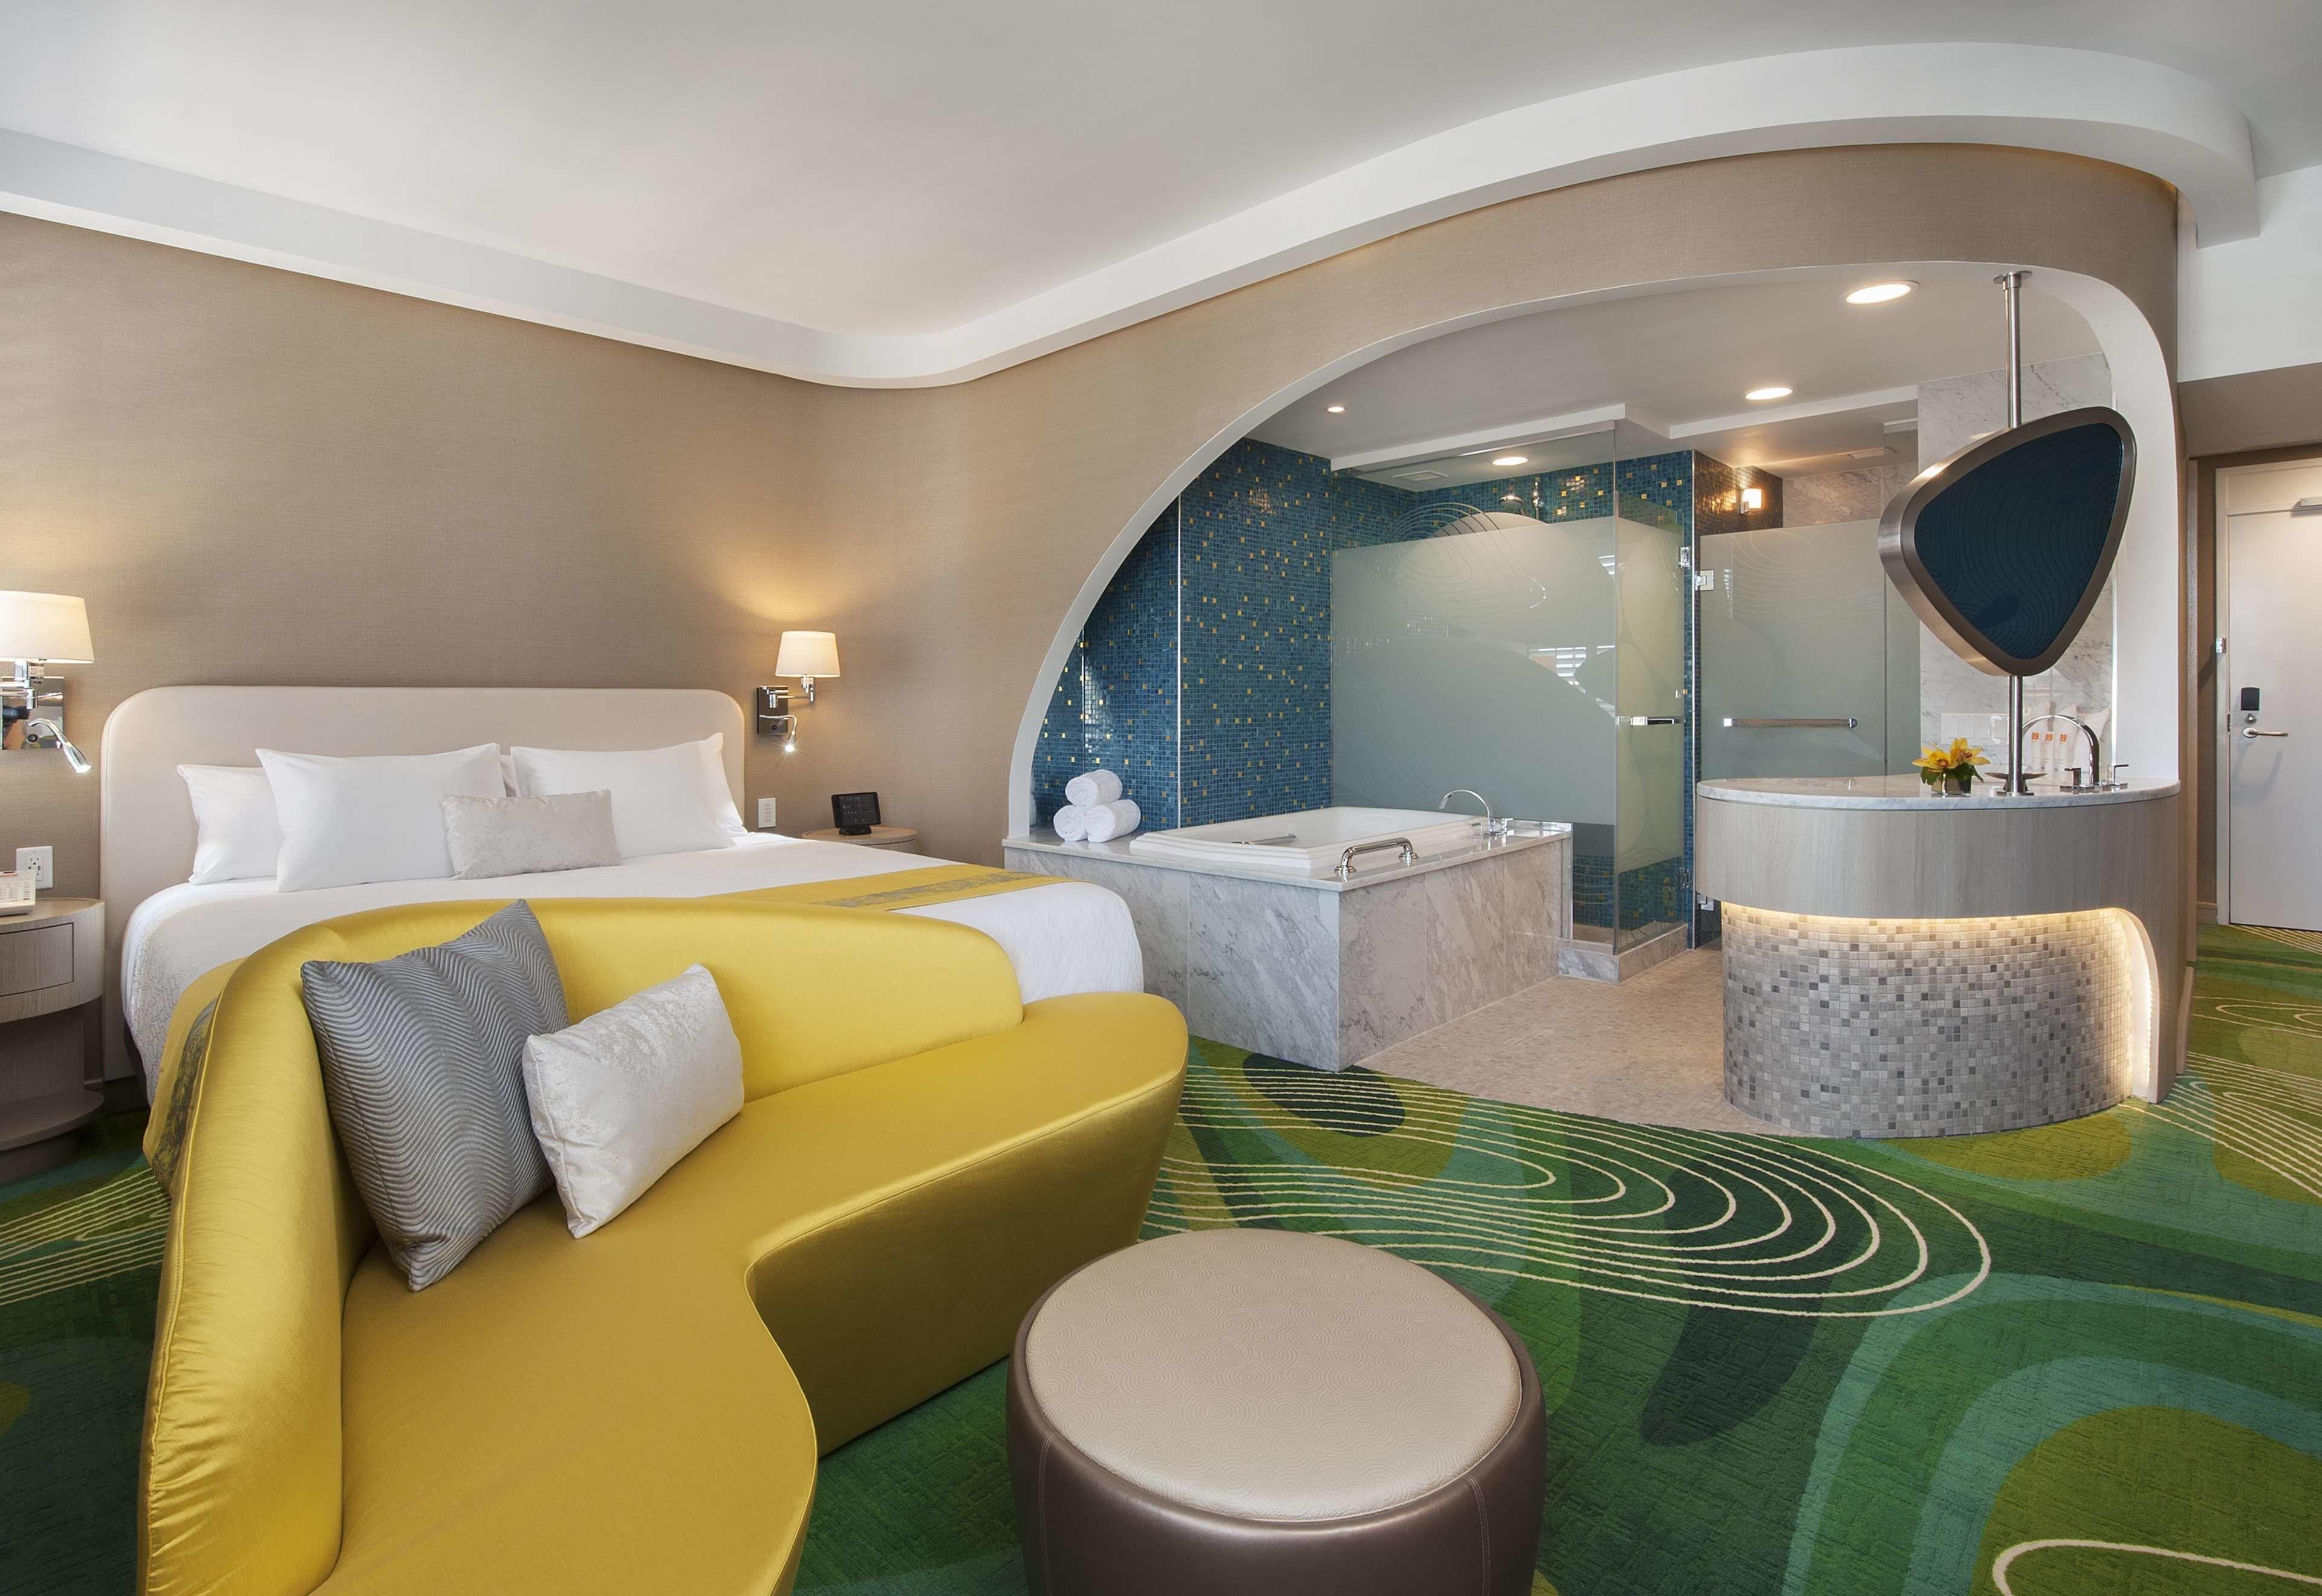 Courtesy of Hotel Constance / Expedia.com